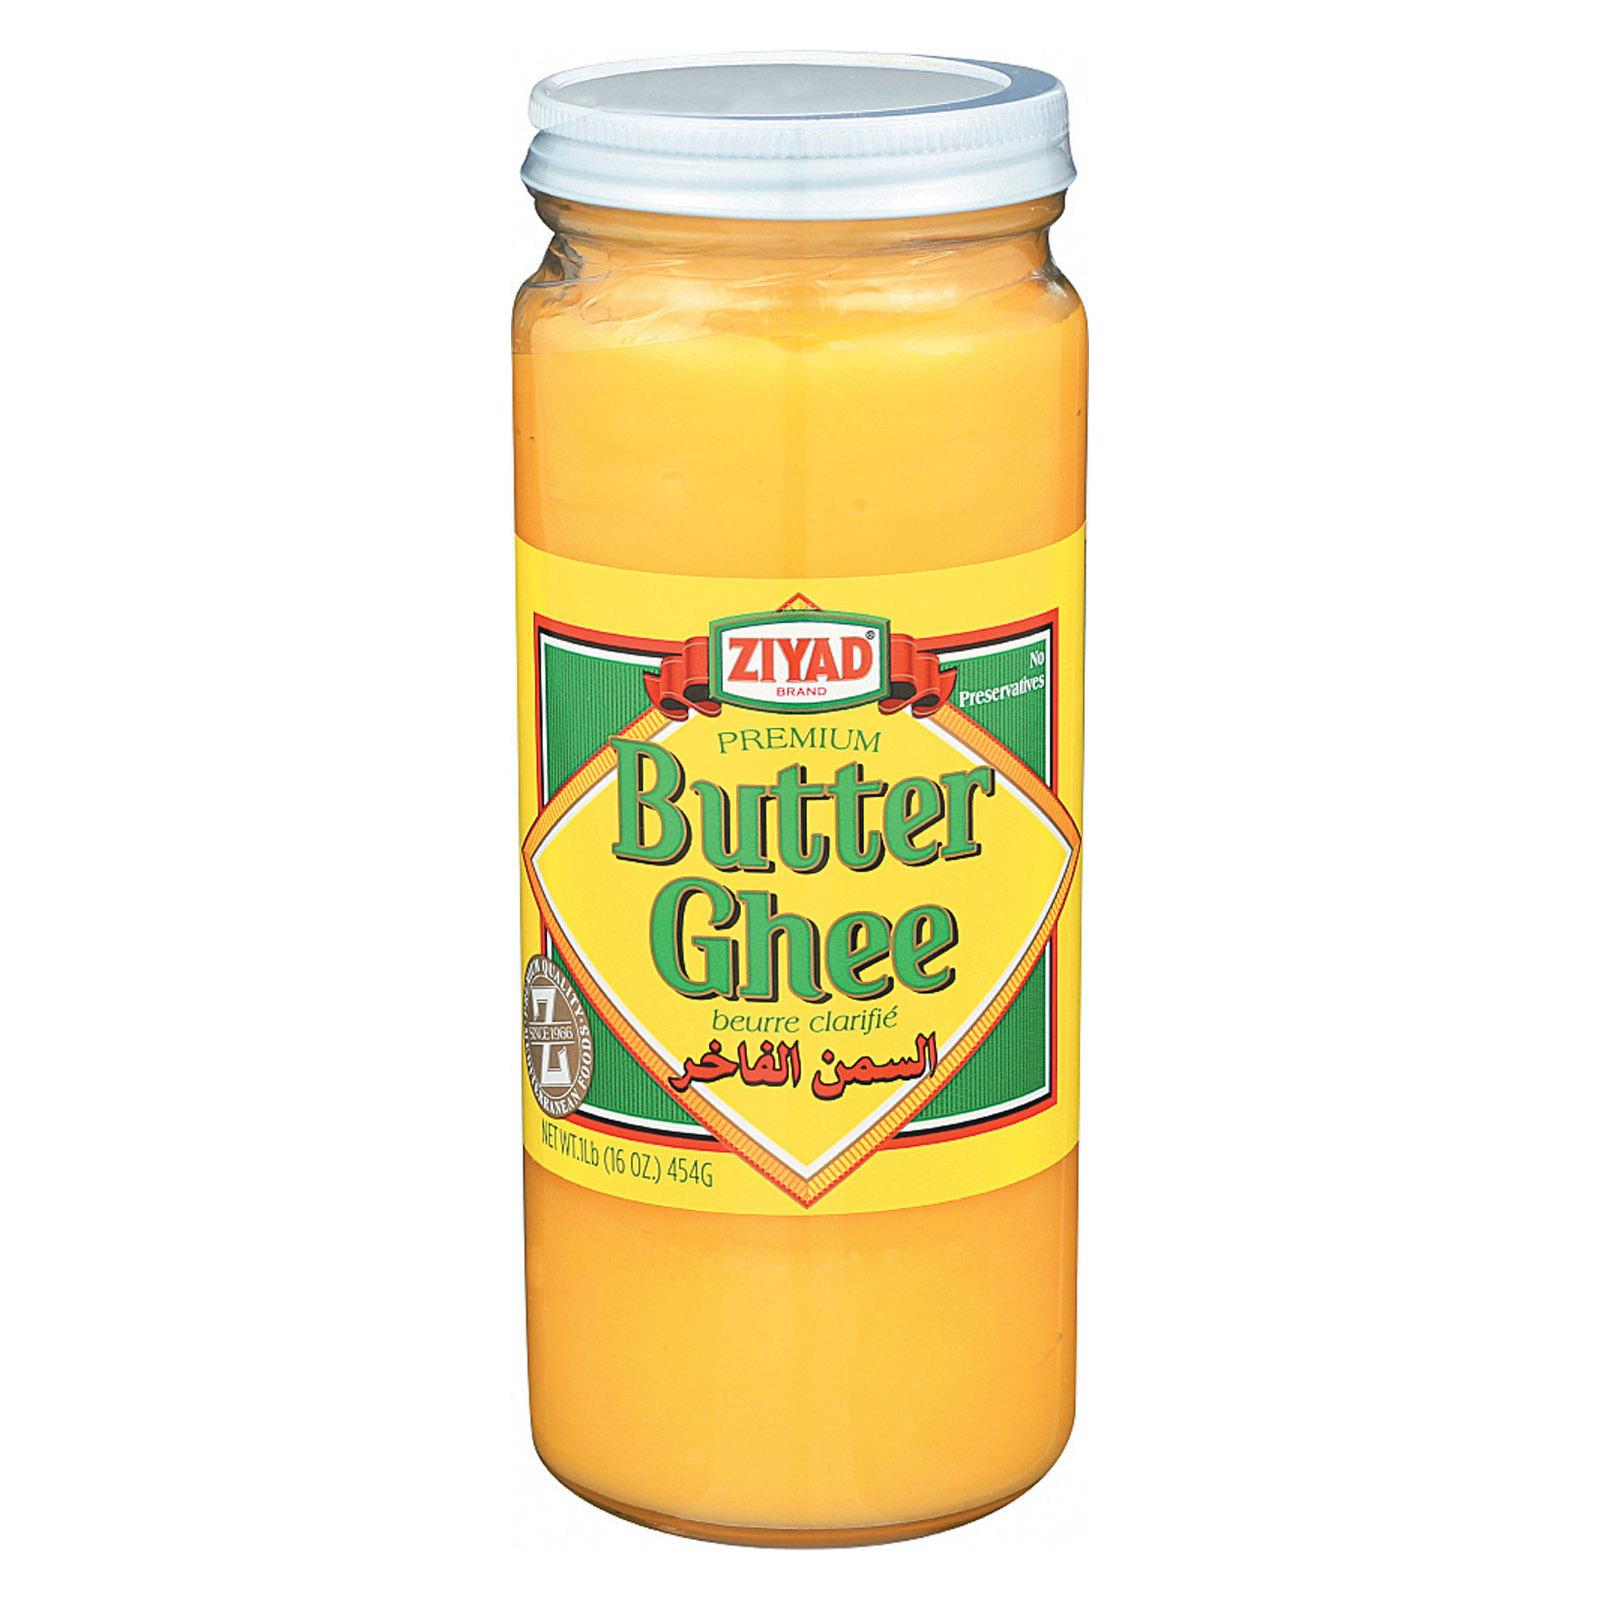 Ziyad Butter Ghee - Case of 6 - 16 oz